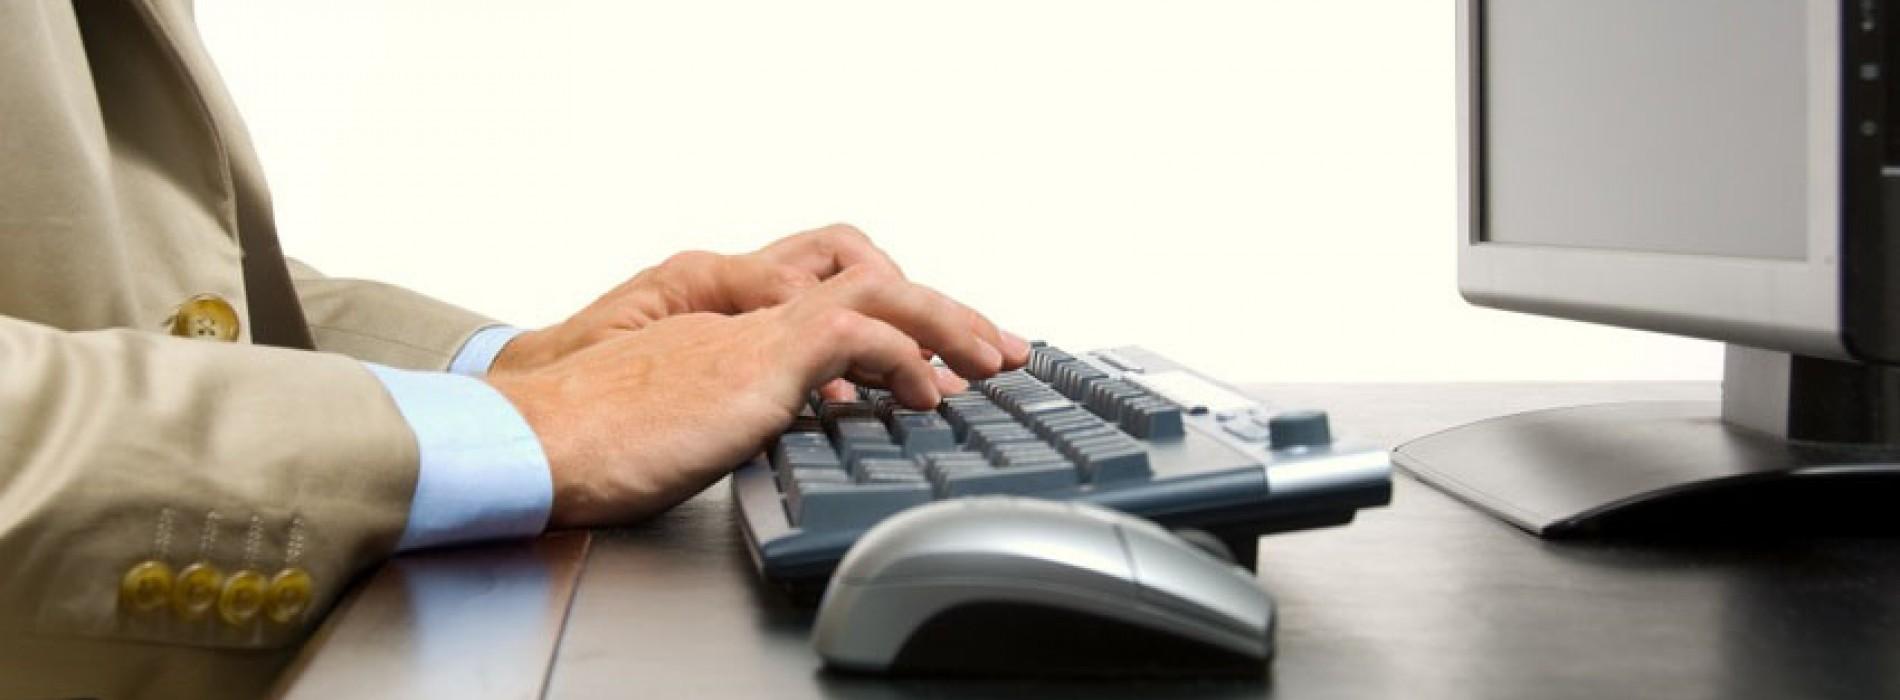 Jak szukać porad prawnych w sieci?